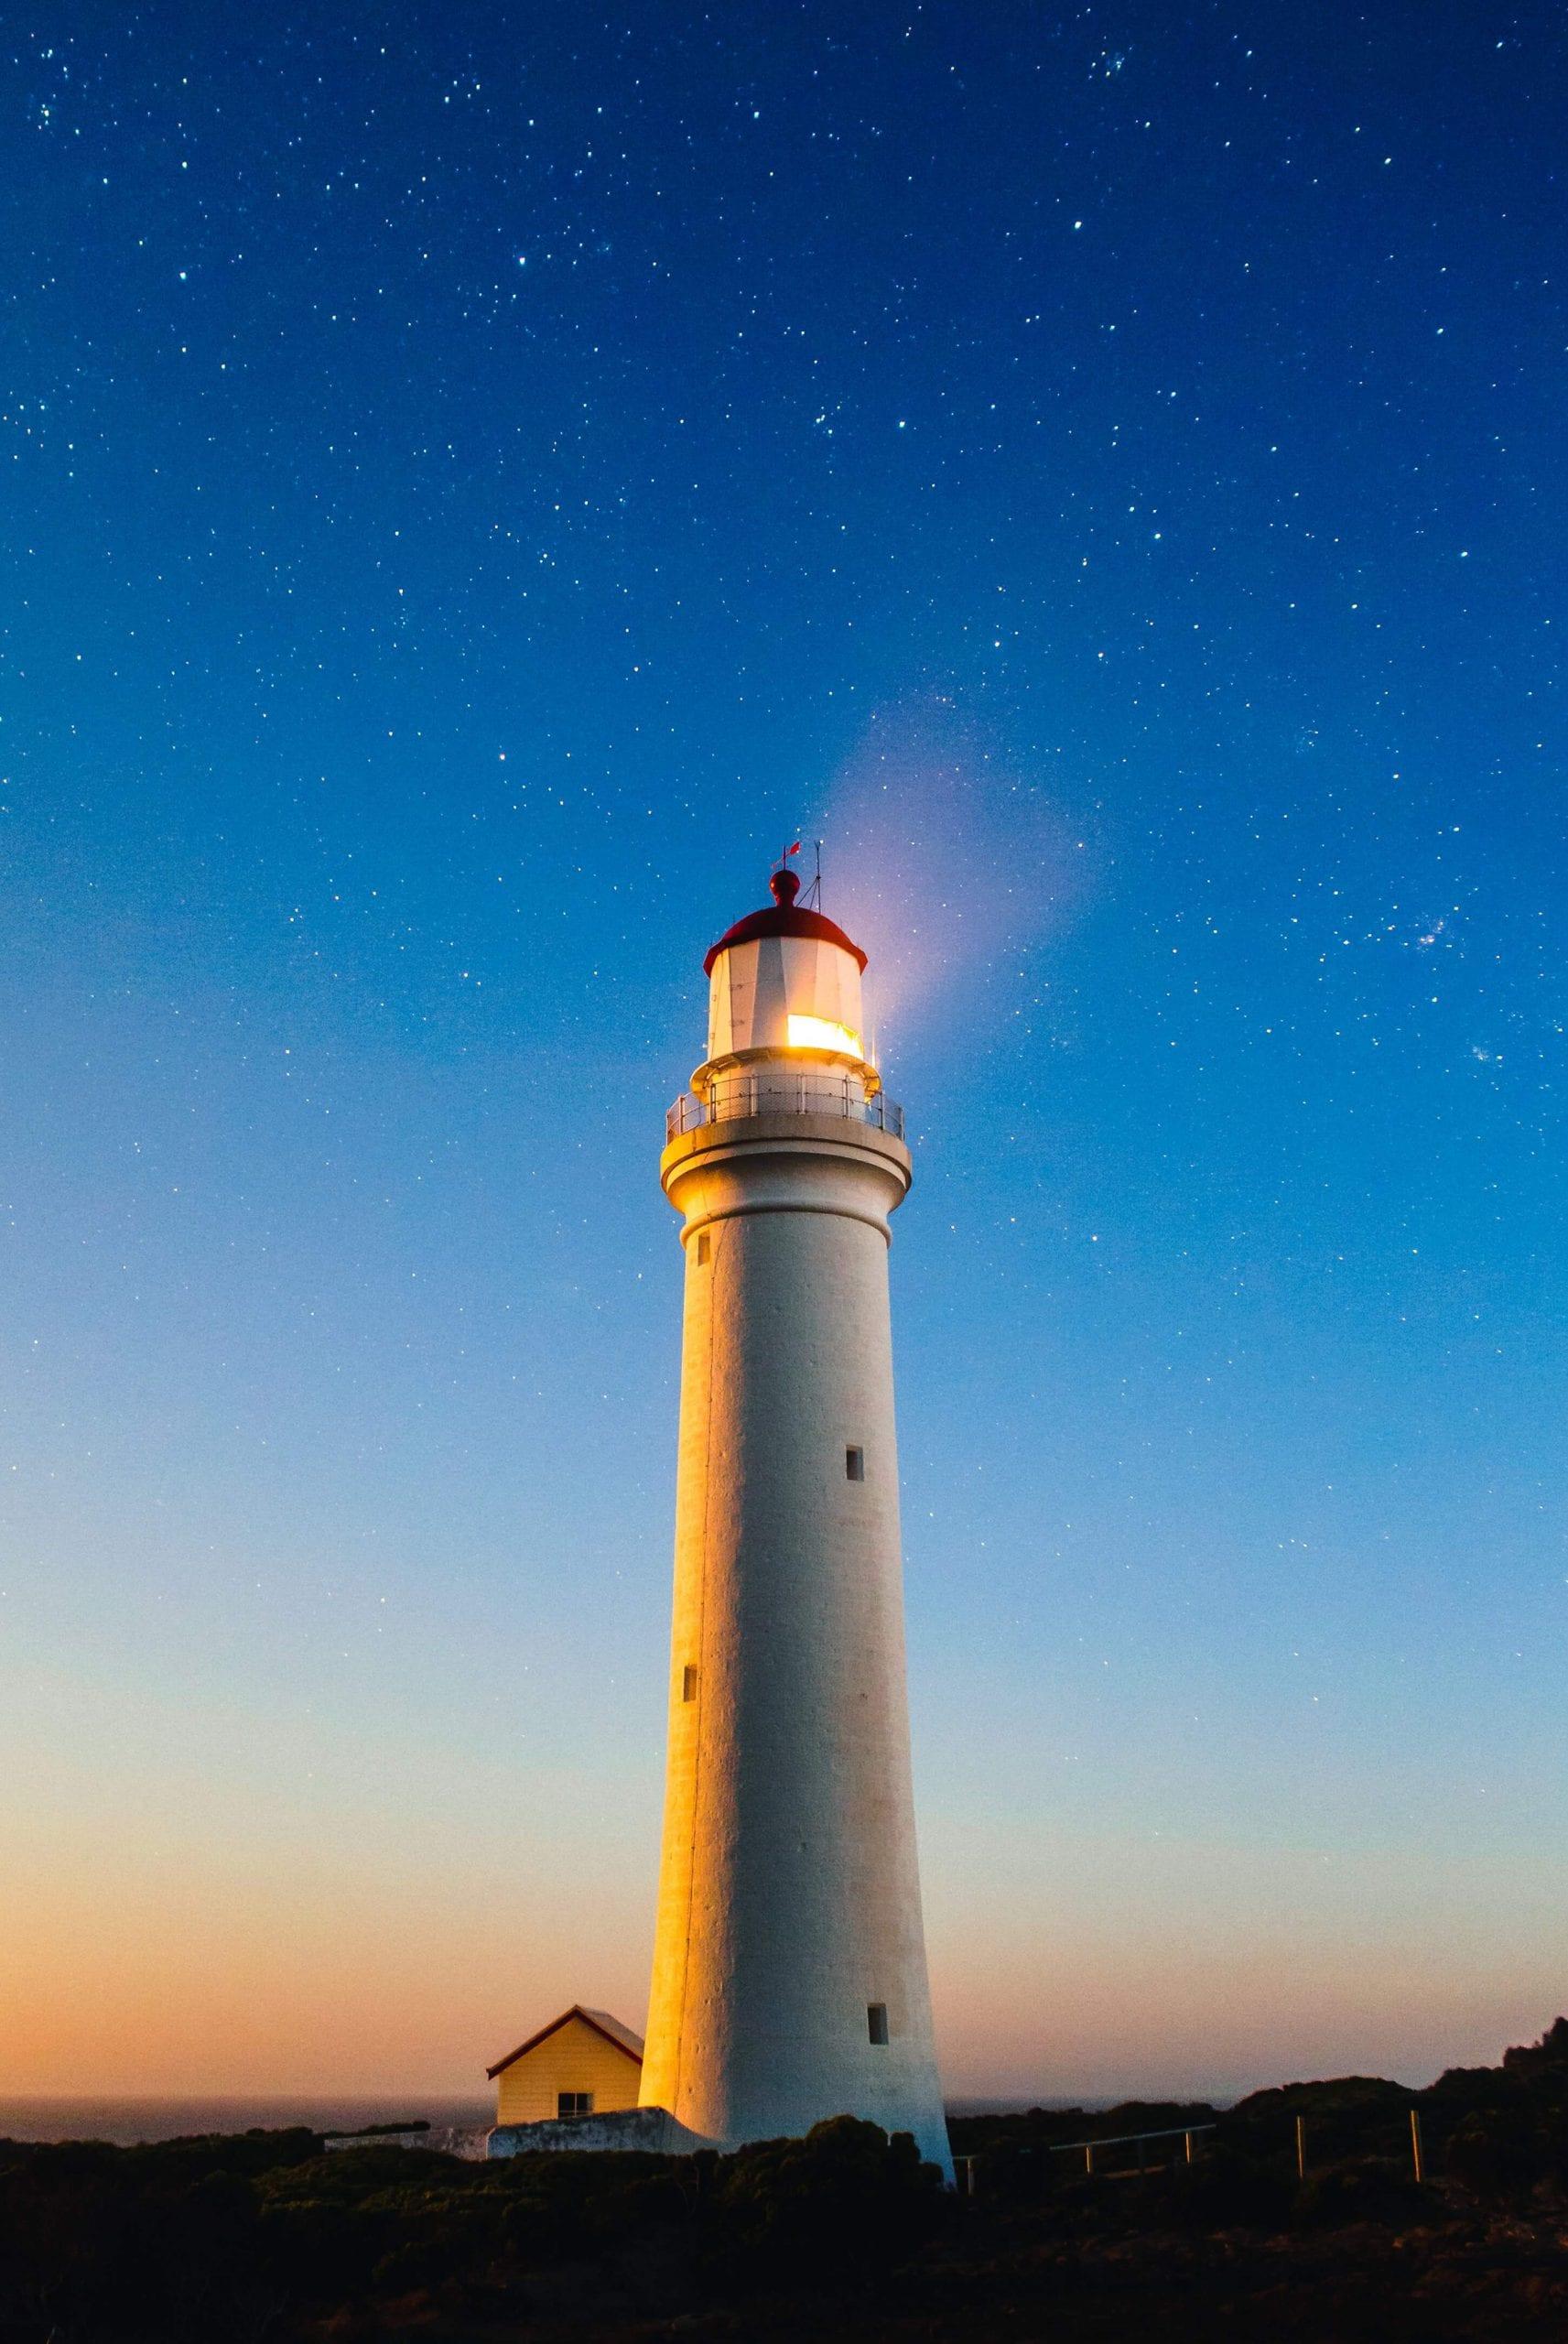 Lighthouse on a night sky